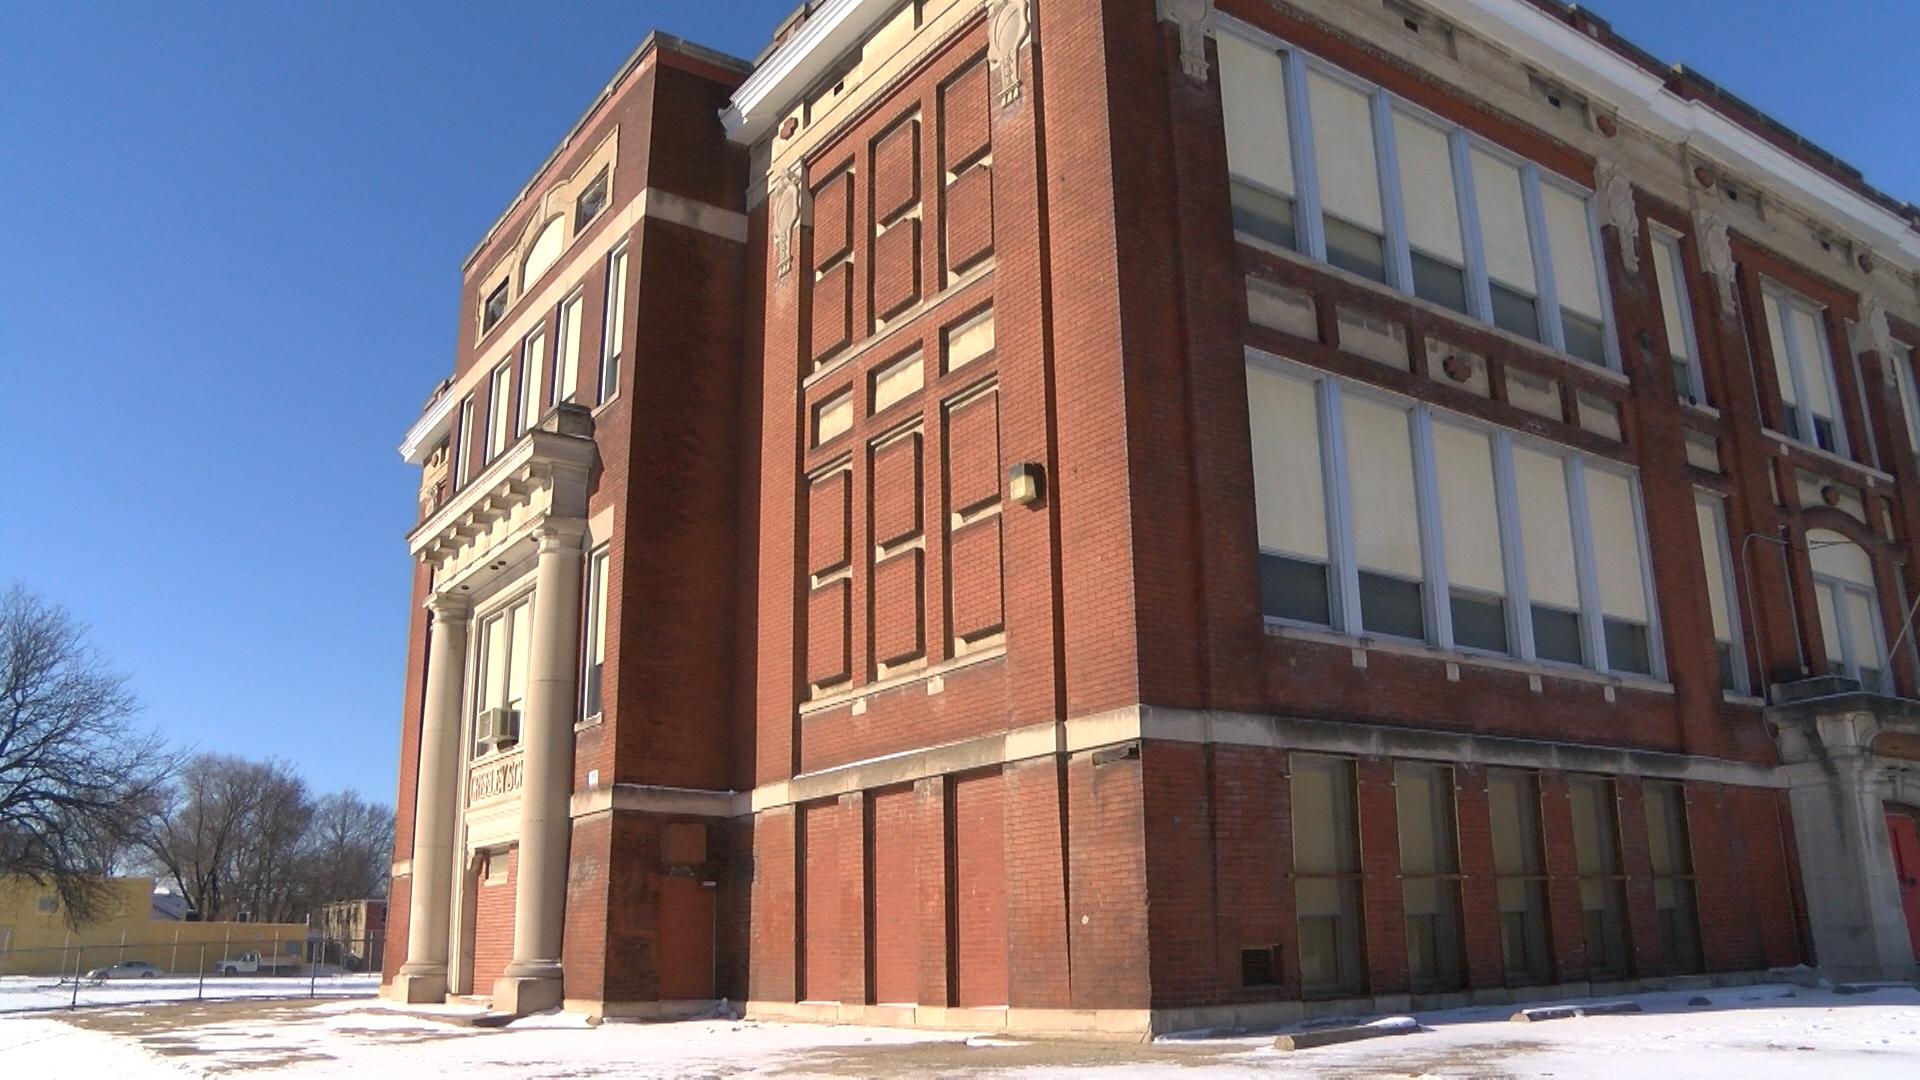 Greeley School_1516230614268.jpg.jpg